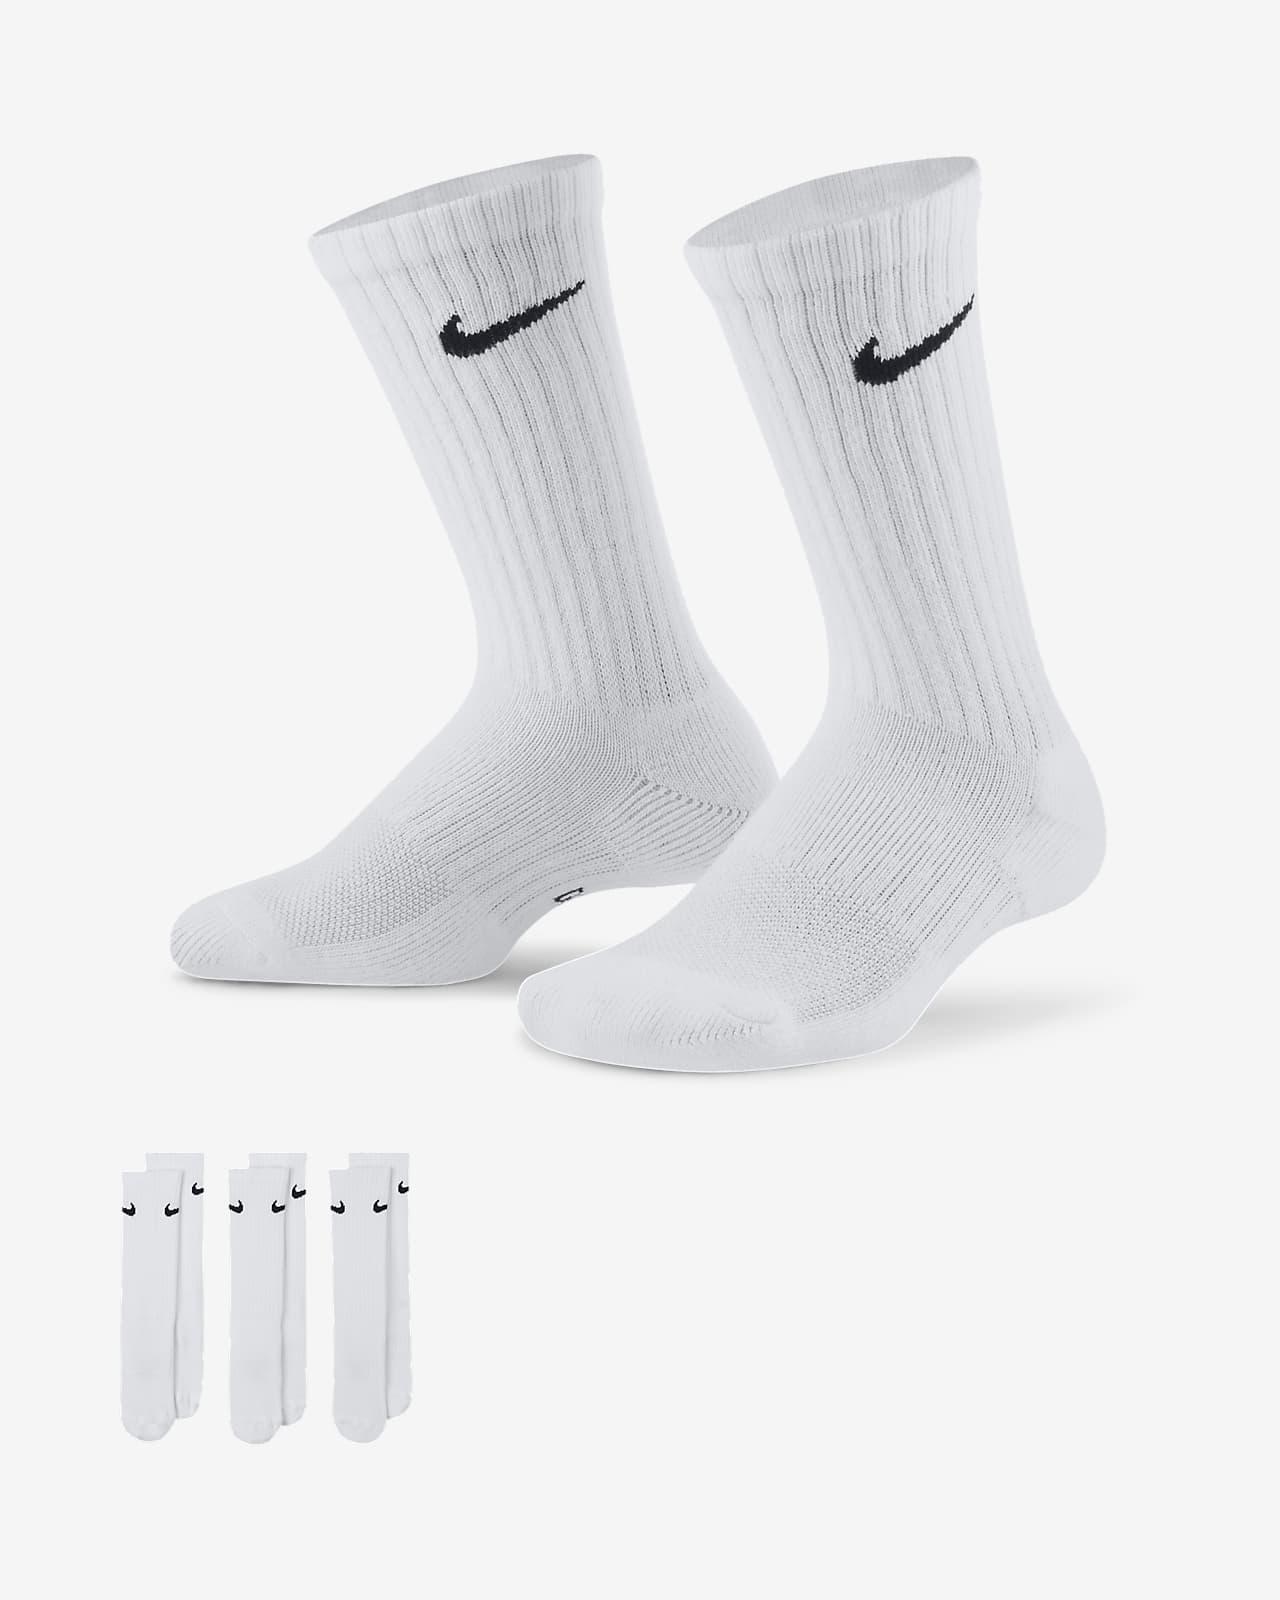 ถุงเท้าข้อยาวเด็กลดแรงกระแทก Nike Everyday (3 คู่)